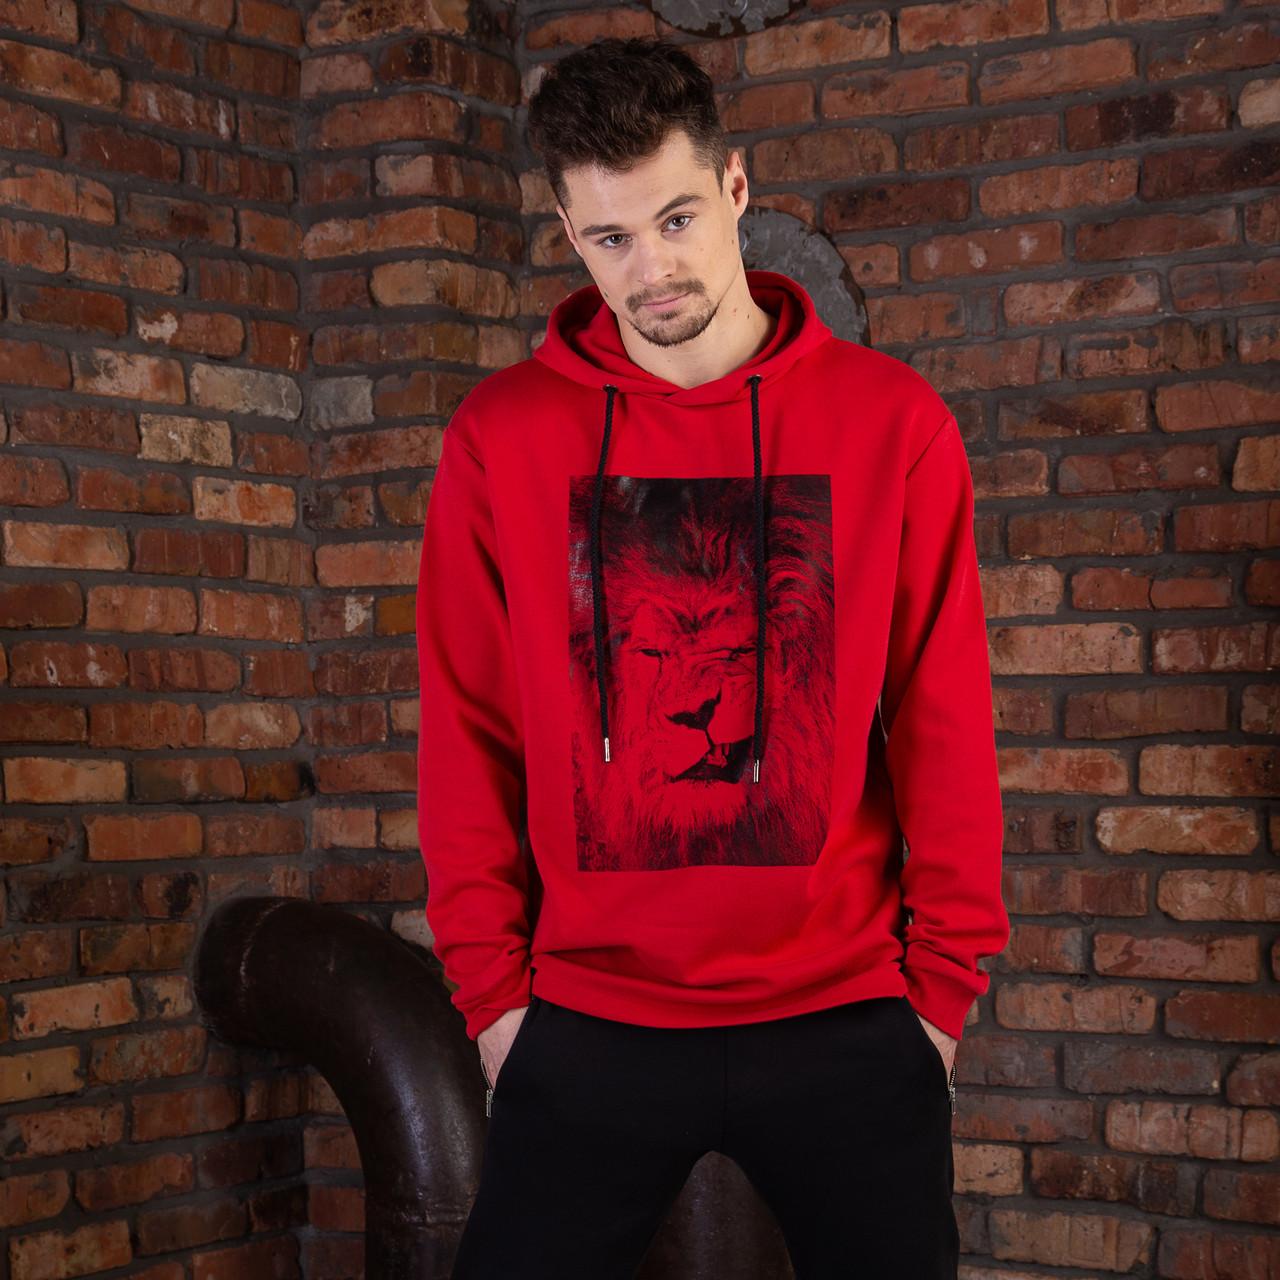 Красная спортивная мужская кофта с принтом